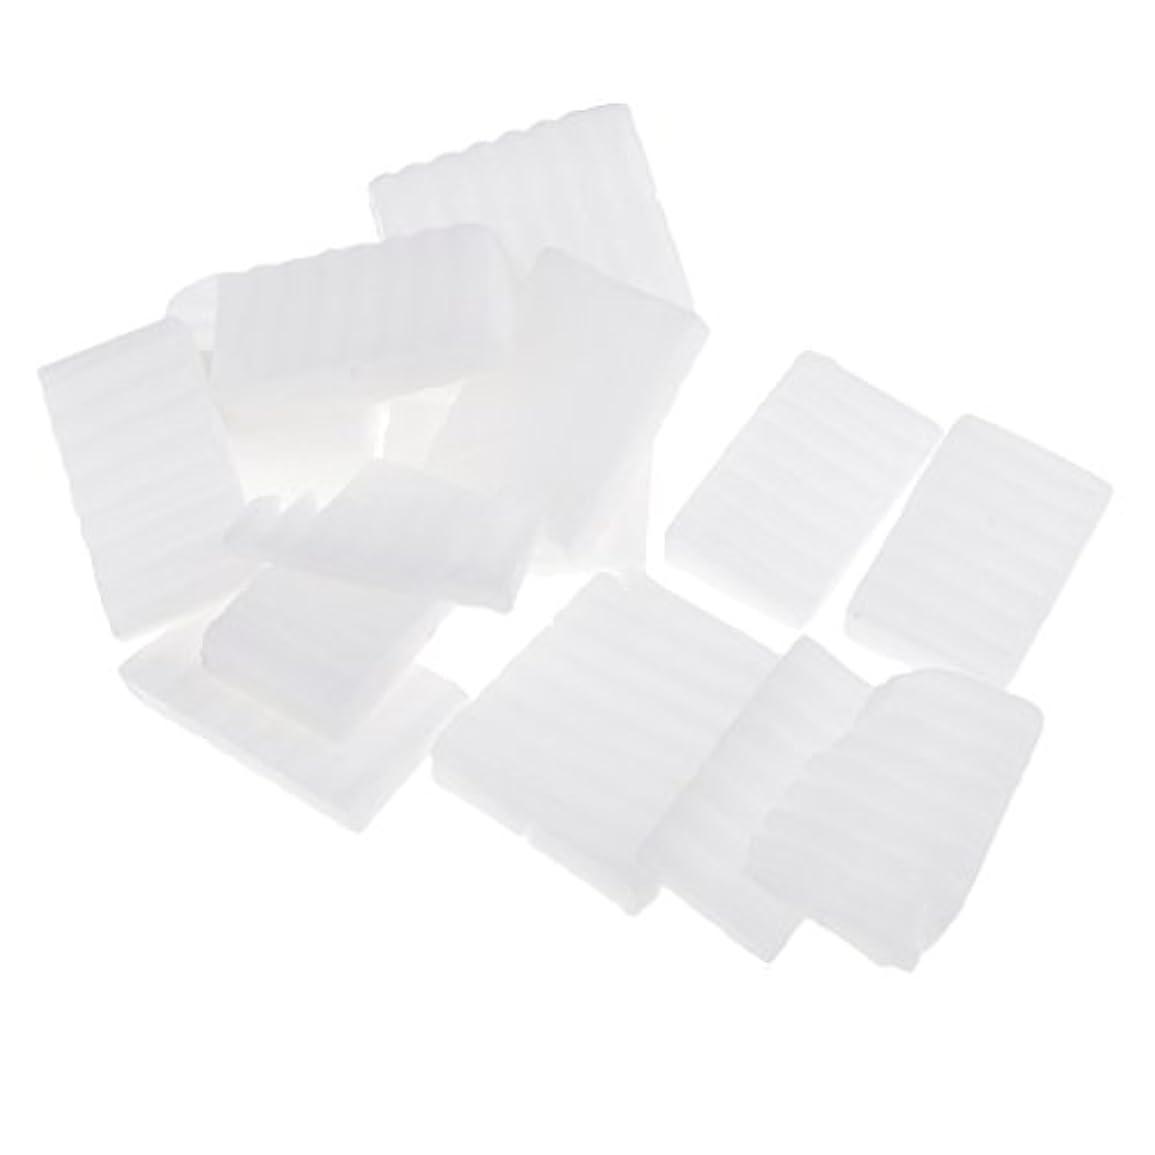 バーゲンマガジン建築家Perfk 白い 石鹸ベース DIY 手作り 石鹸 材料 約500g 手作り 石鹸のため